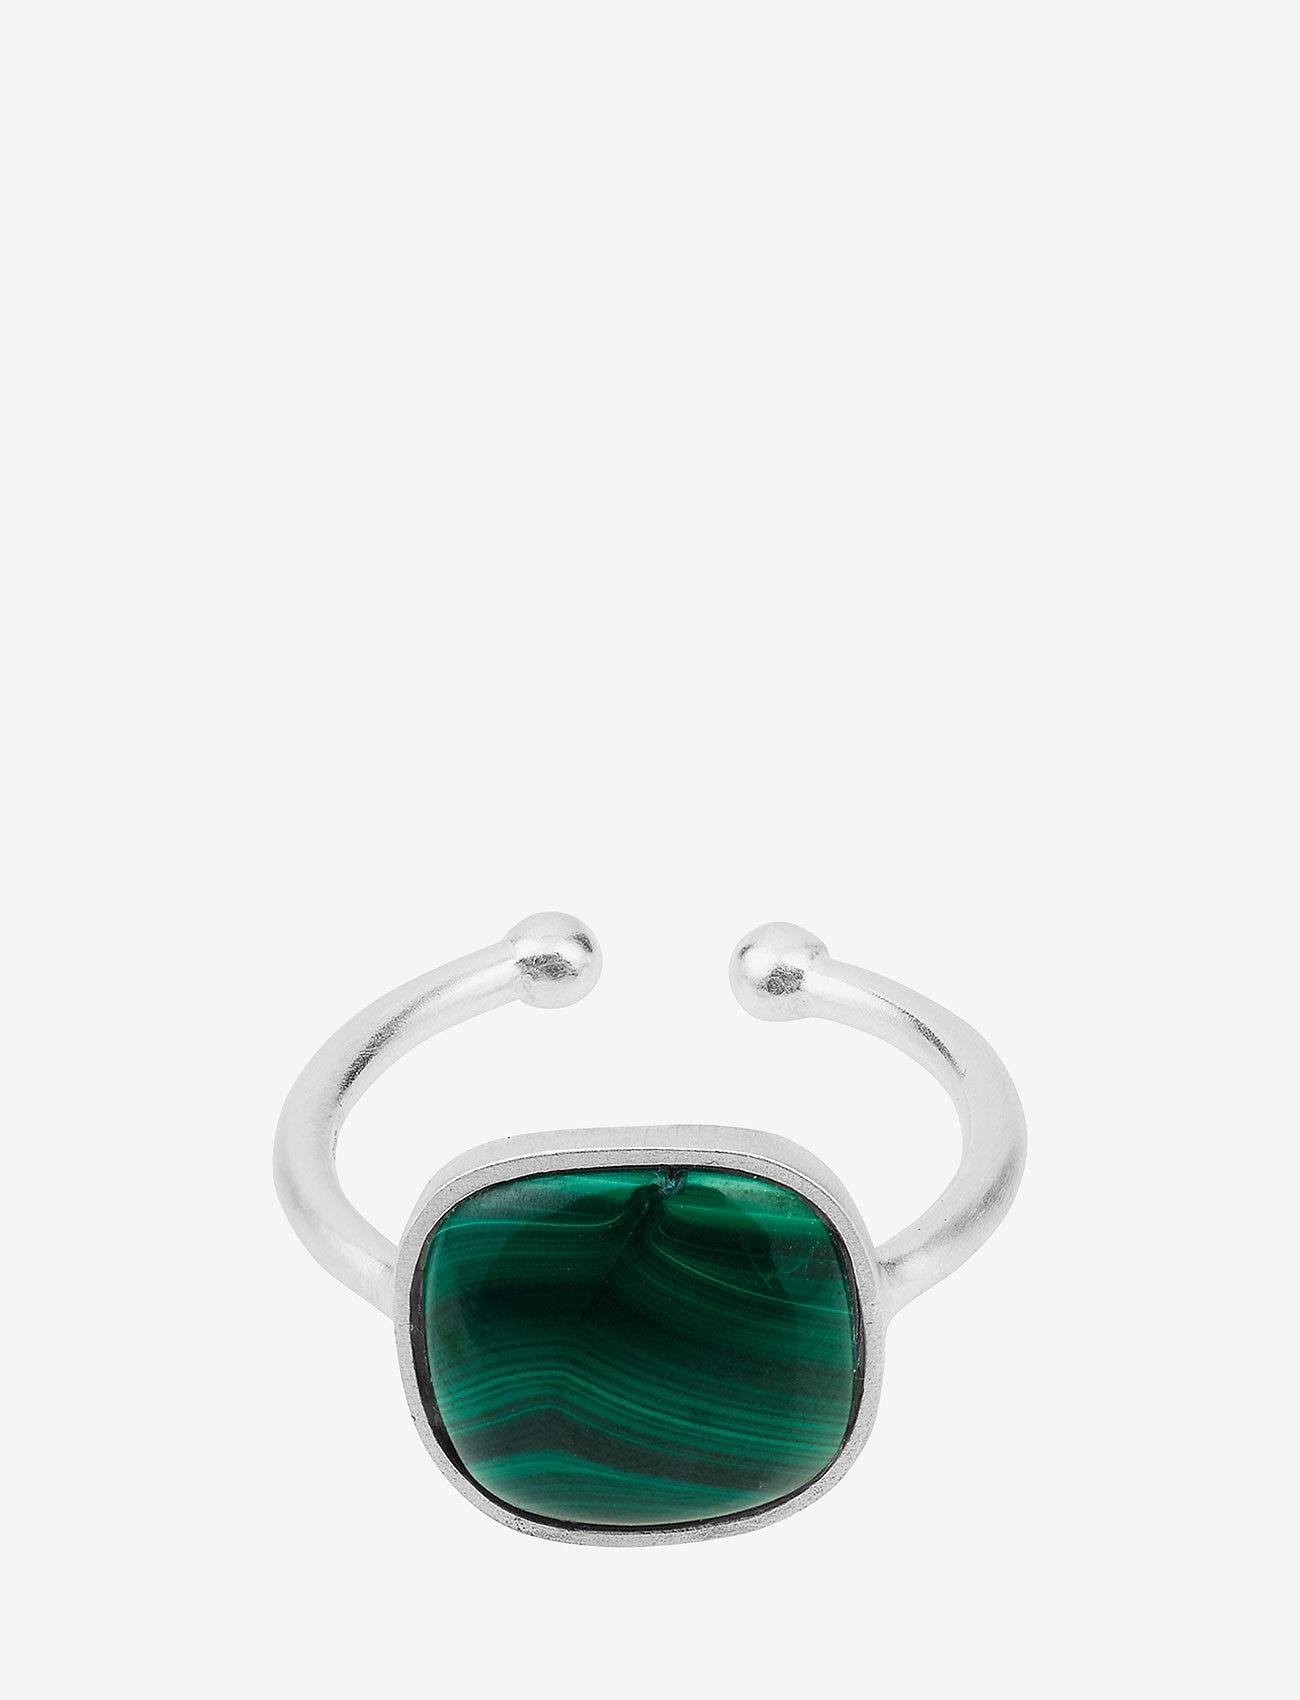 Pernille Corydon Malachite Ring  Adjustable - Biżuteria SILVER - Akcesoria